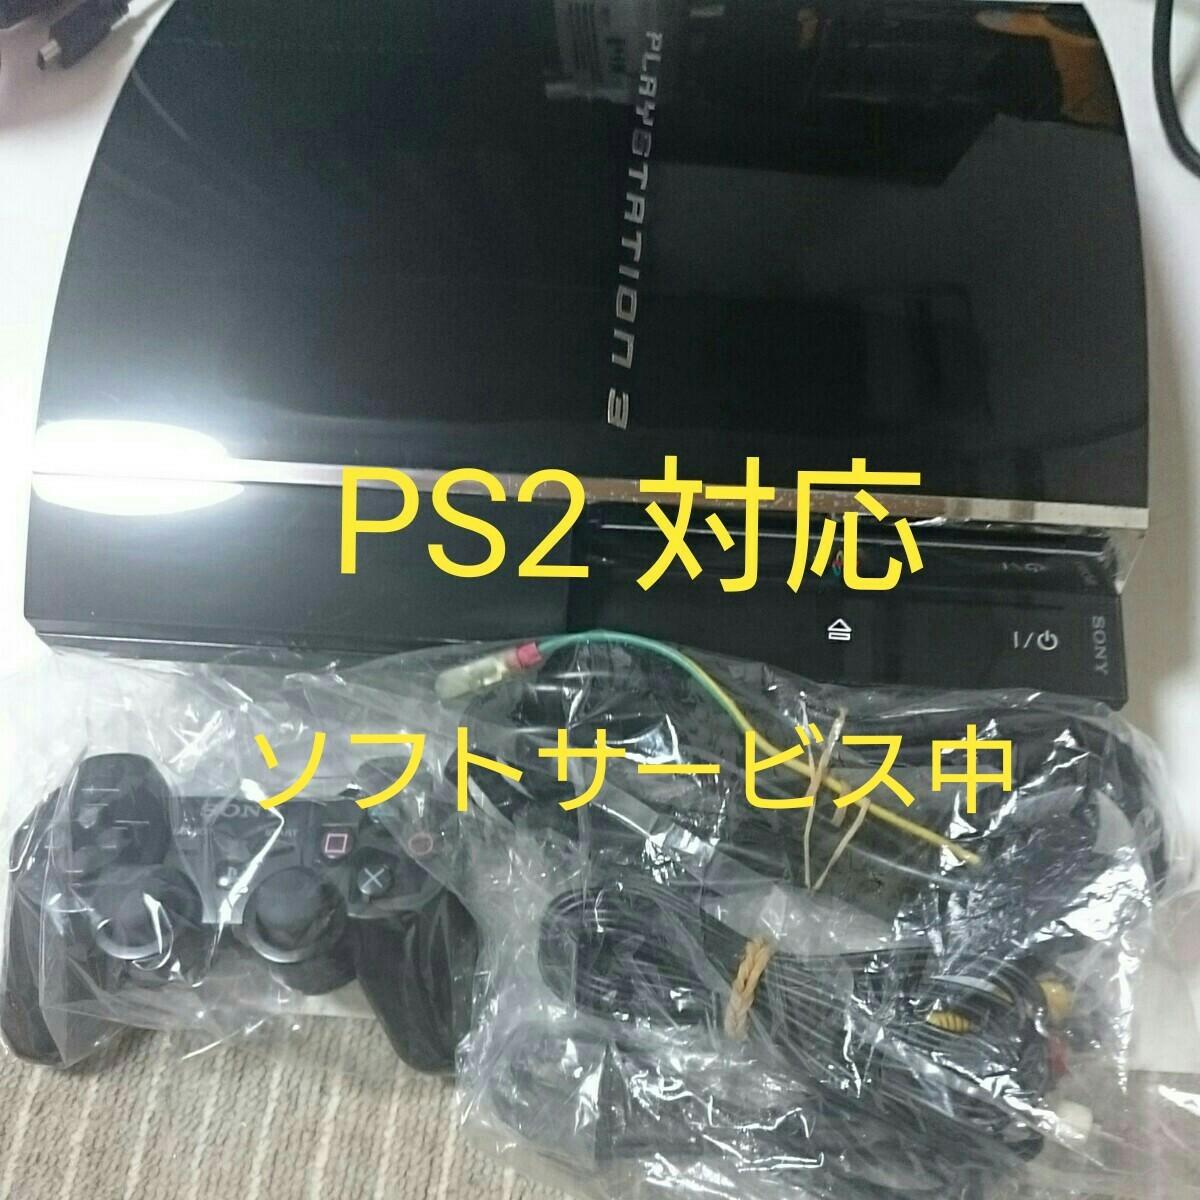 ソニー PS3 ★PS2対応モデル★ハイスペック CECHA00★ ハイスペック